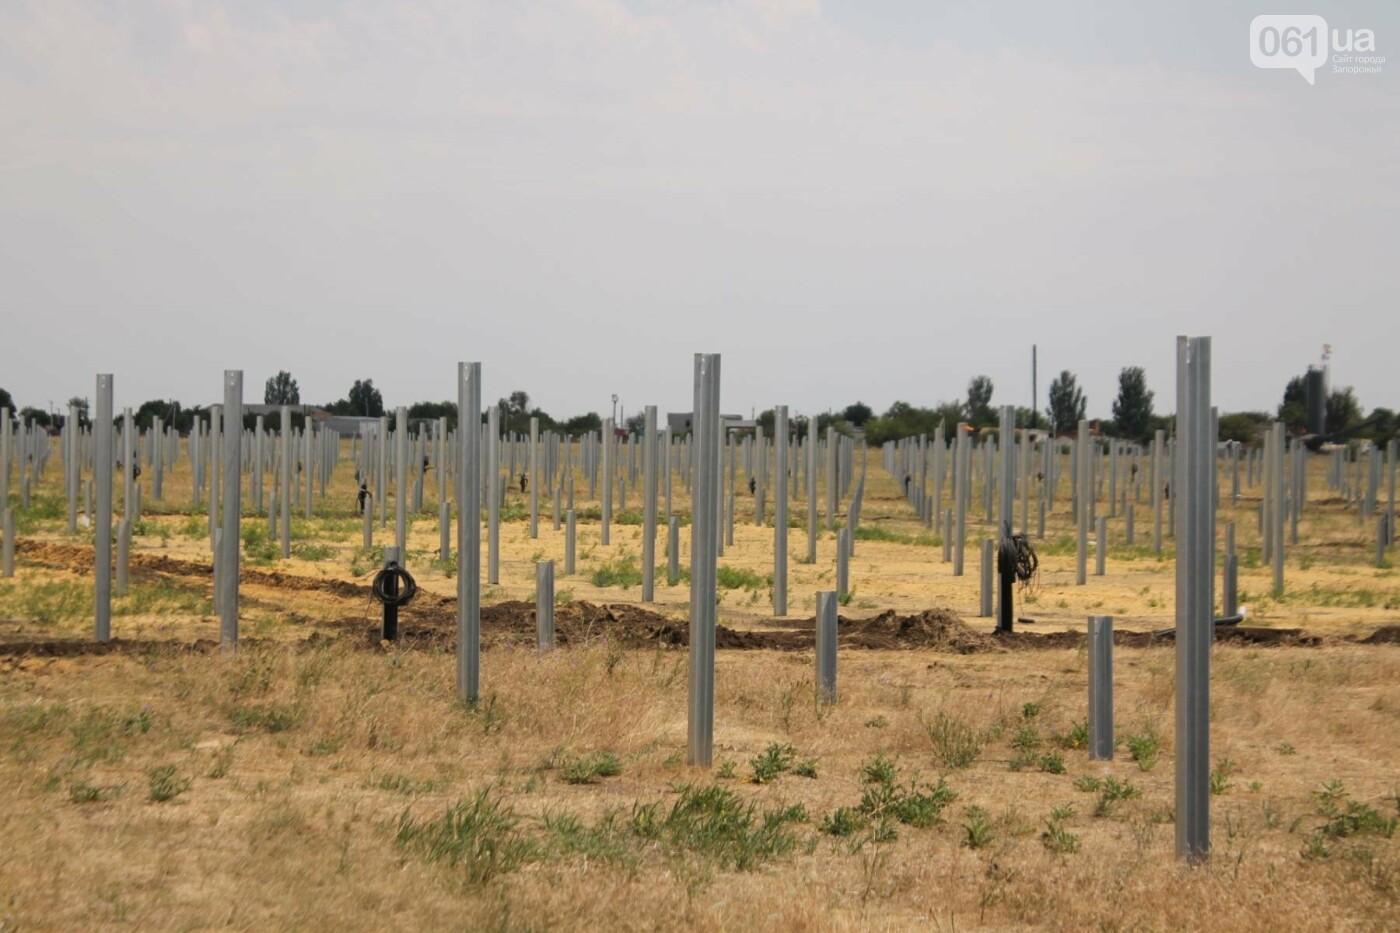 Как в Запорожской области работает крупнейшая в Украине солнечная станция: экскурсия на производство, — ФОТОРЕПОРТАЖ, фото-55